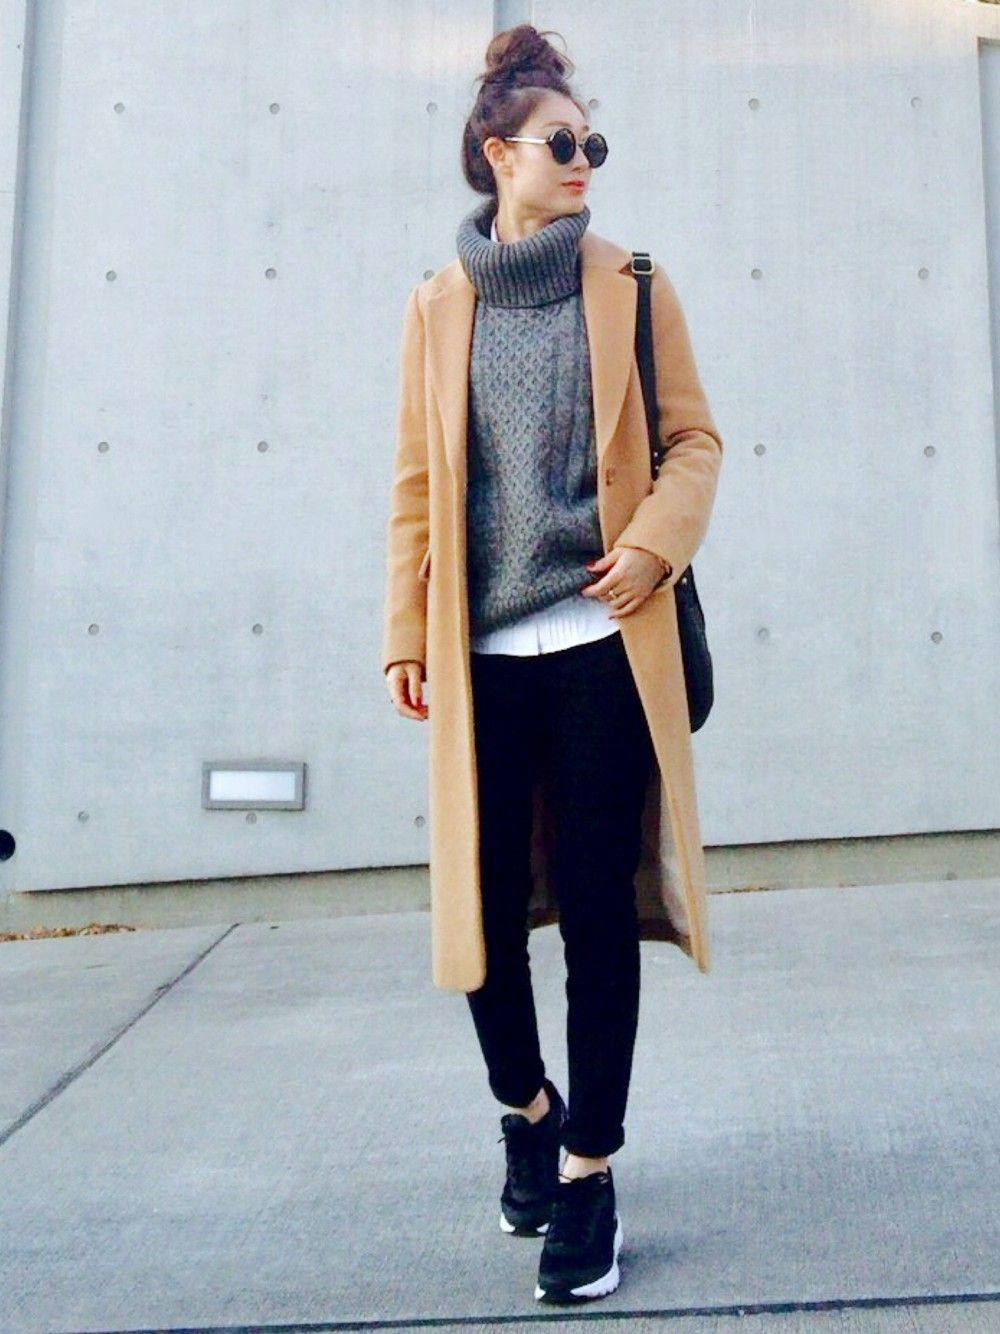 Cream Proportion Body Dressingのチェスターコートを使ったコーディネート Wear モノトーン ファッション レディース ファッションスタイル ファッション